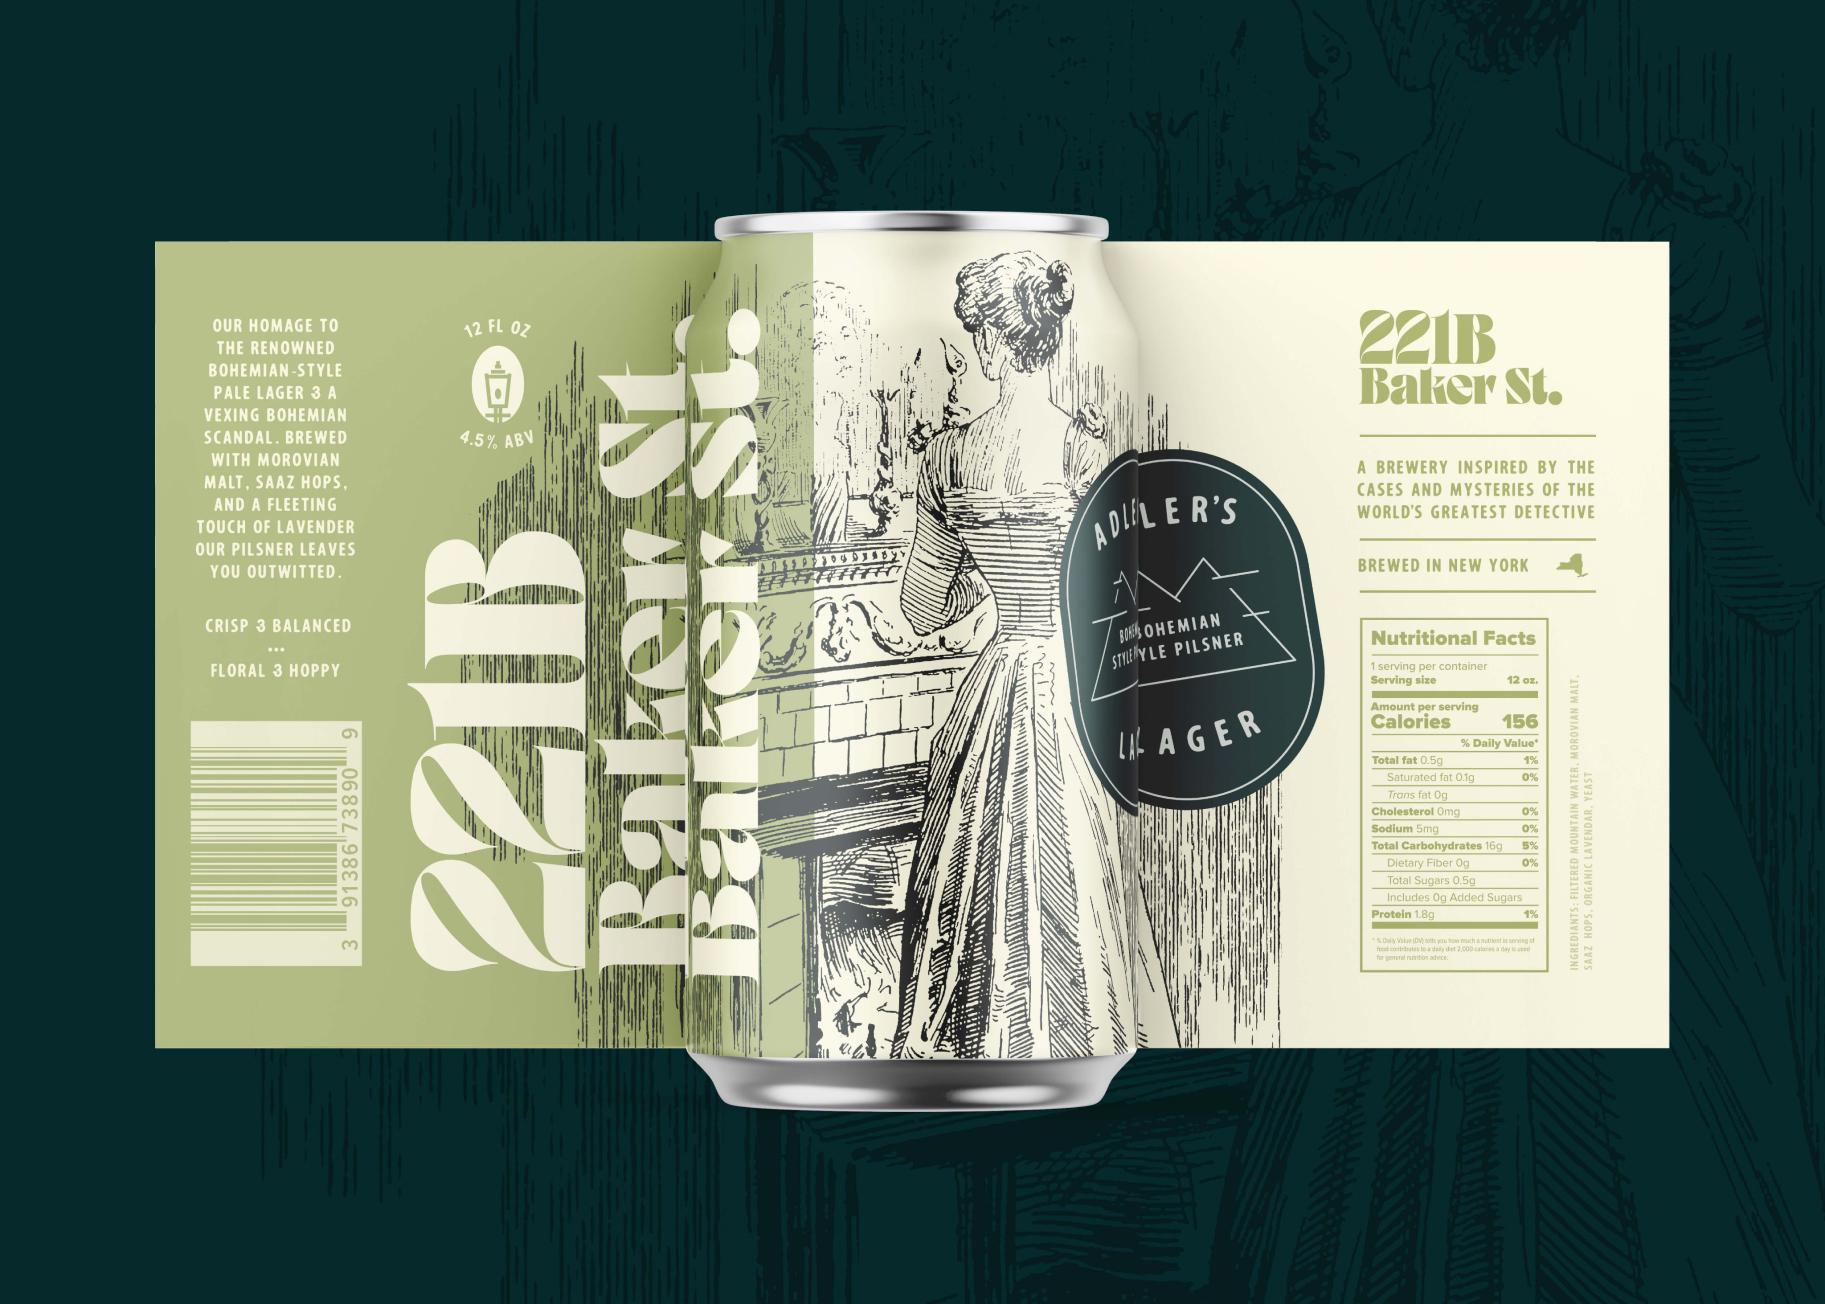 Can design for Adler's bohemian-style pale pilsner lager